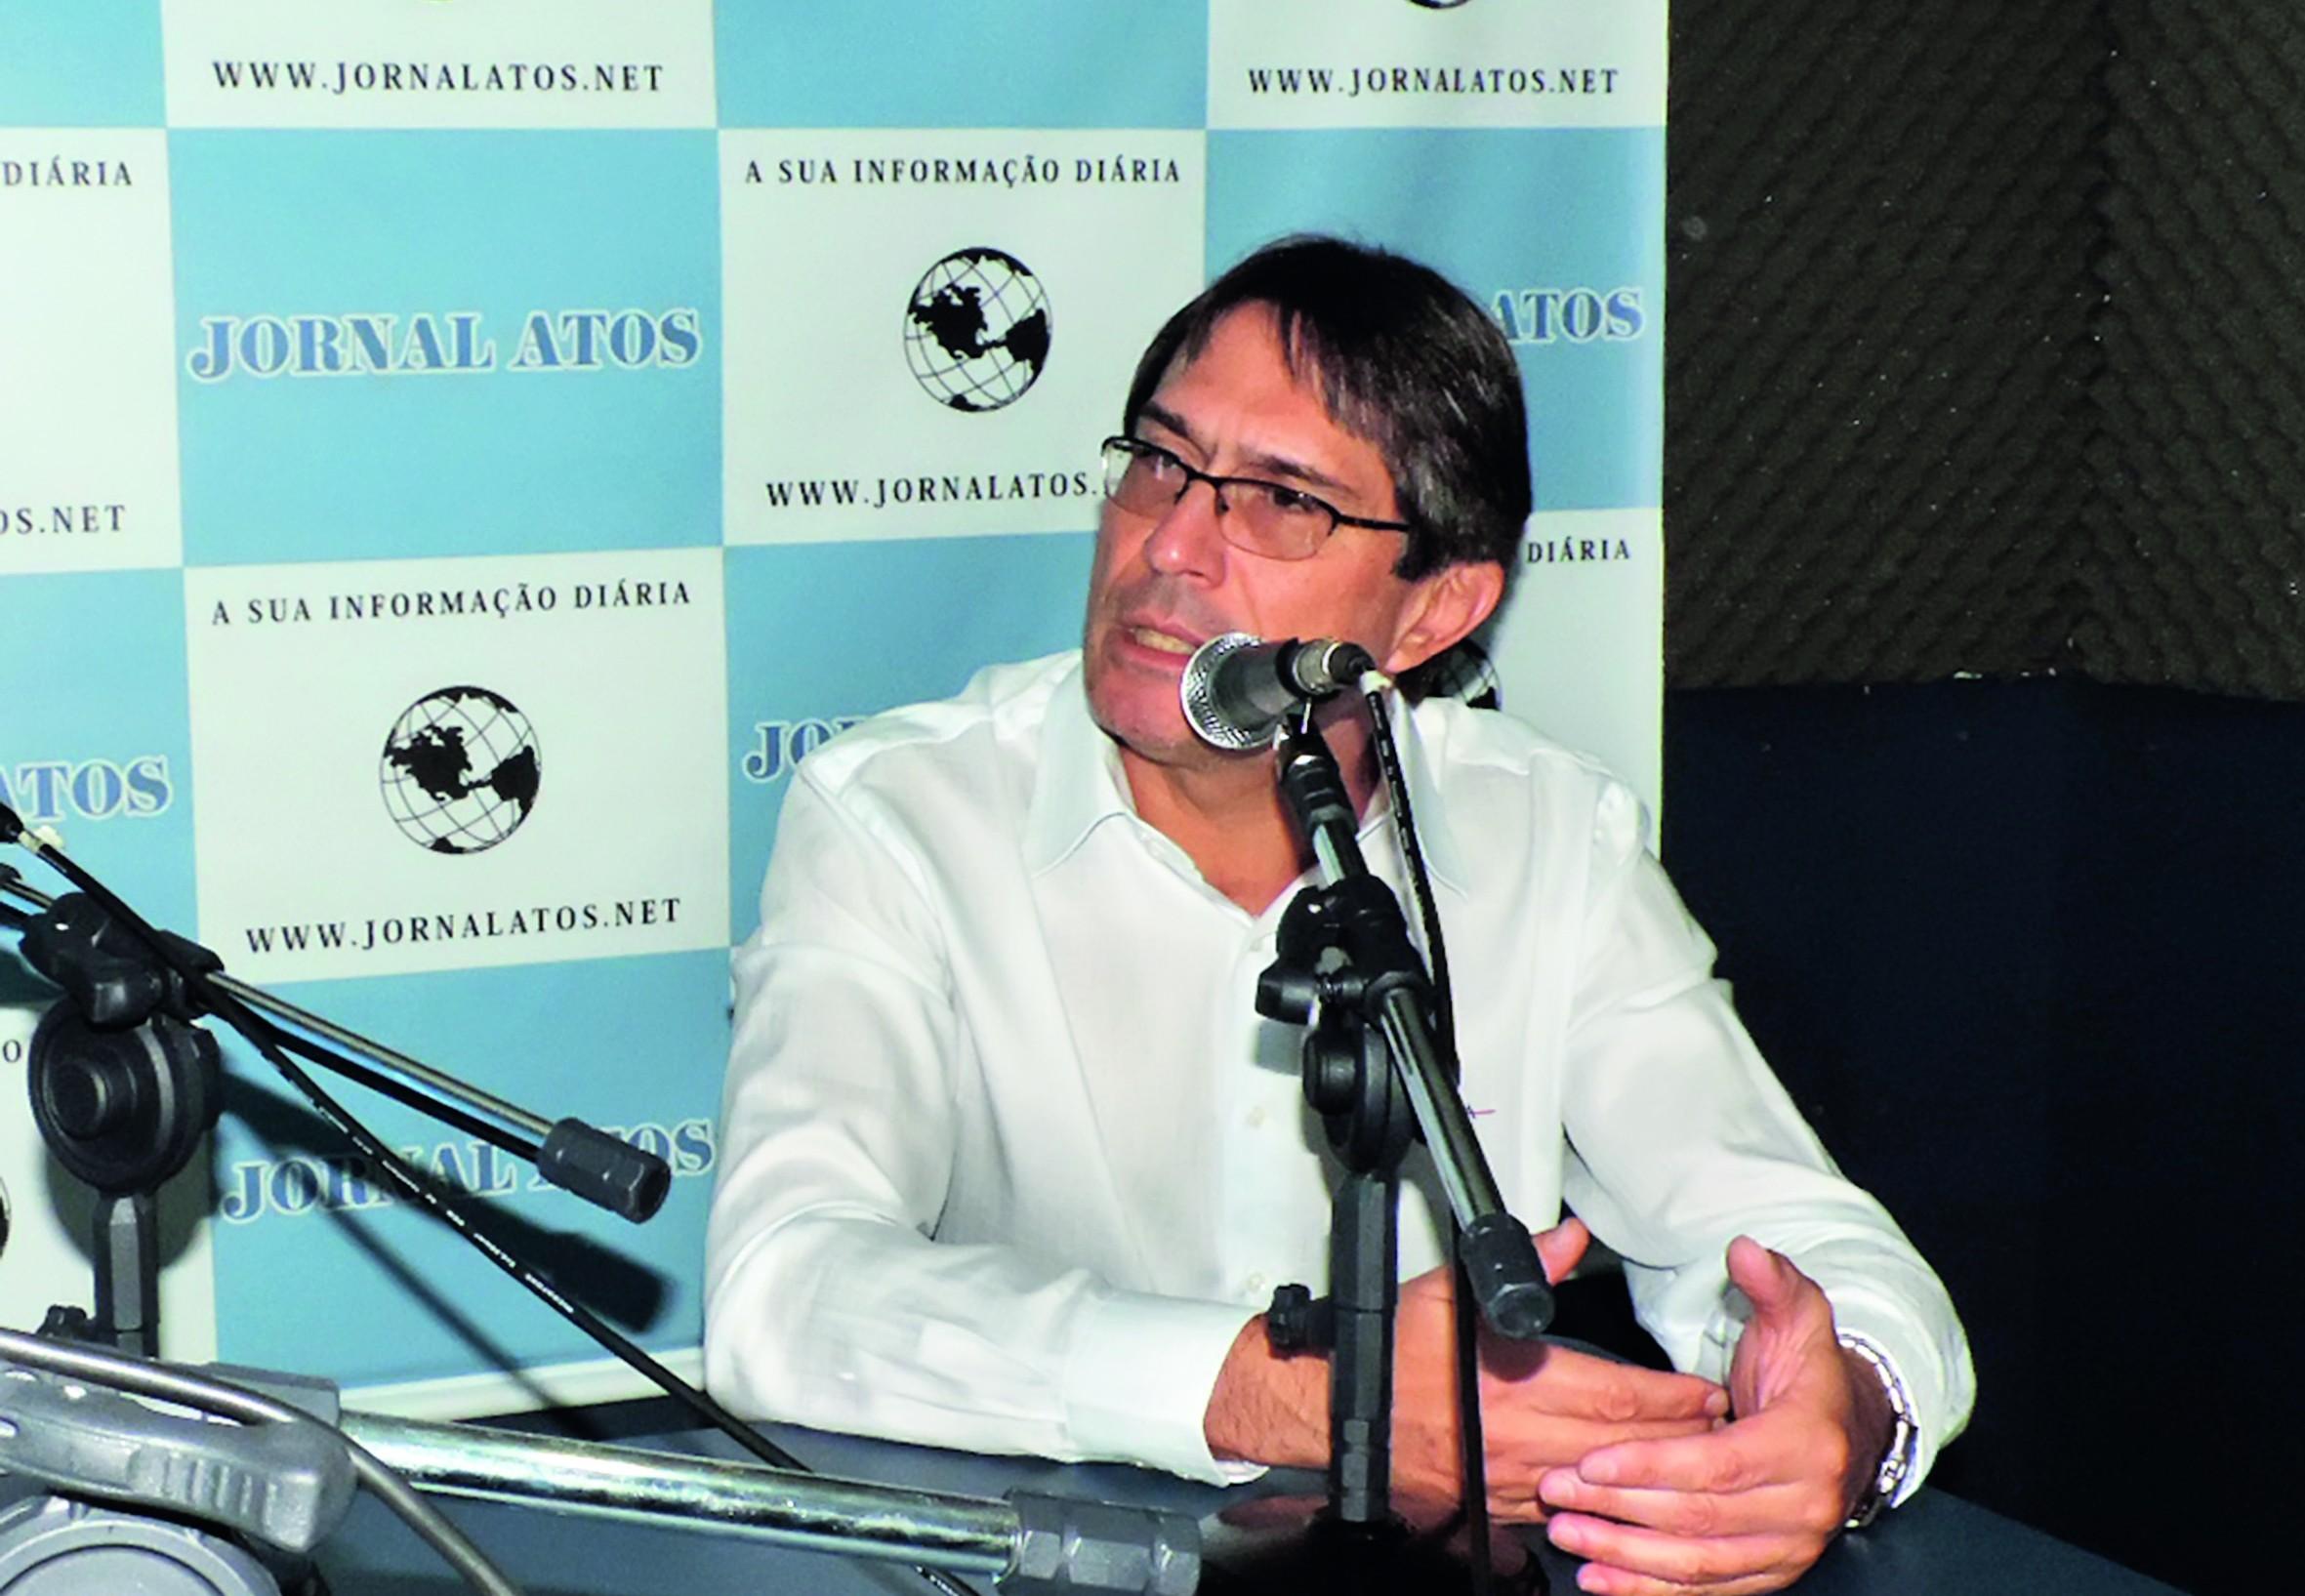 O prefeito Fábio Marcondes, que contou sobre projetos para o segundo mandato em 2017 (Foto: